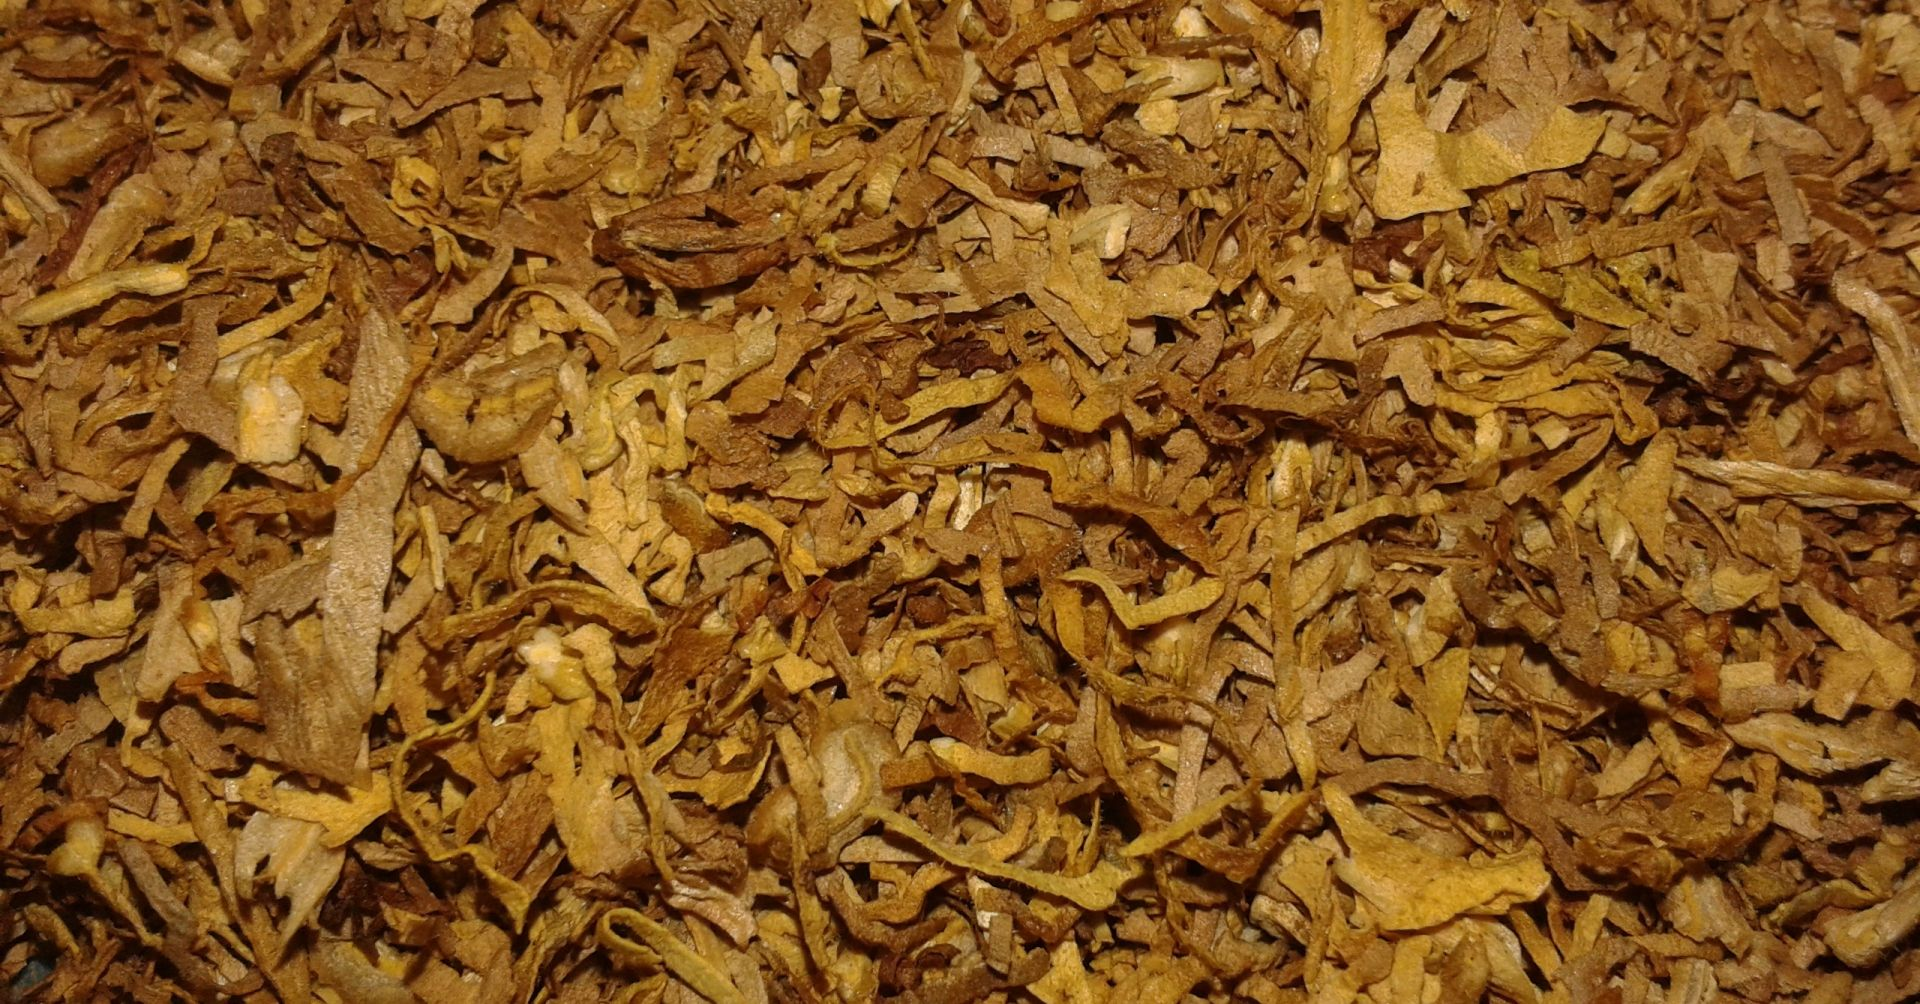 DVIJE AKCIJE CARINSKE UPRAVE Zaplijenjeno preko 23 tone duhana